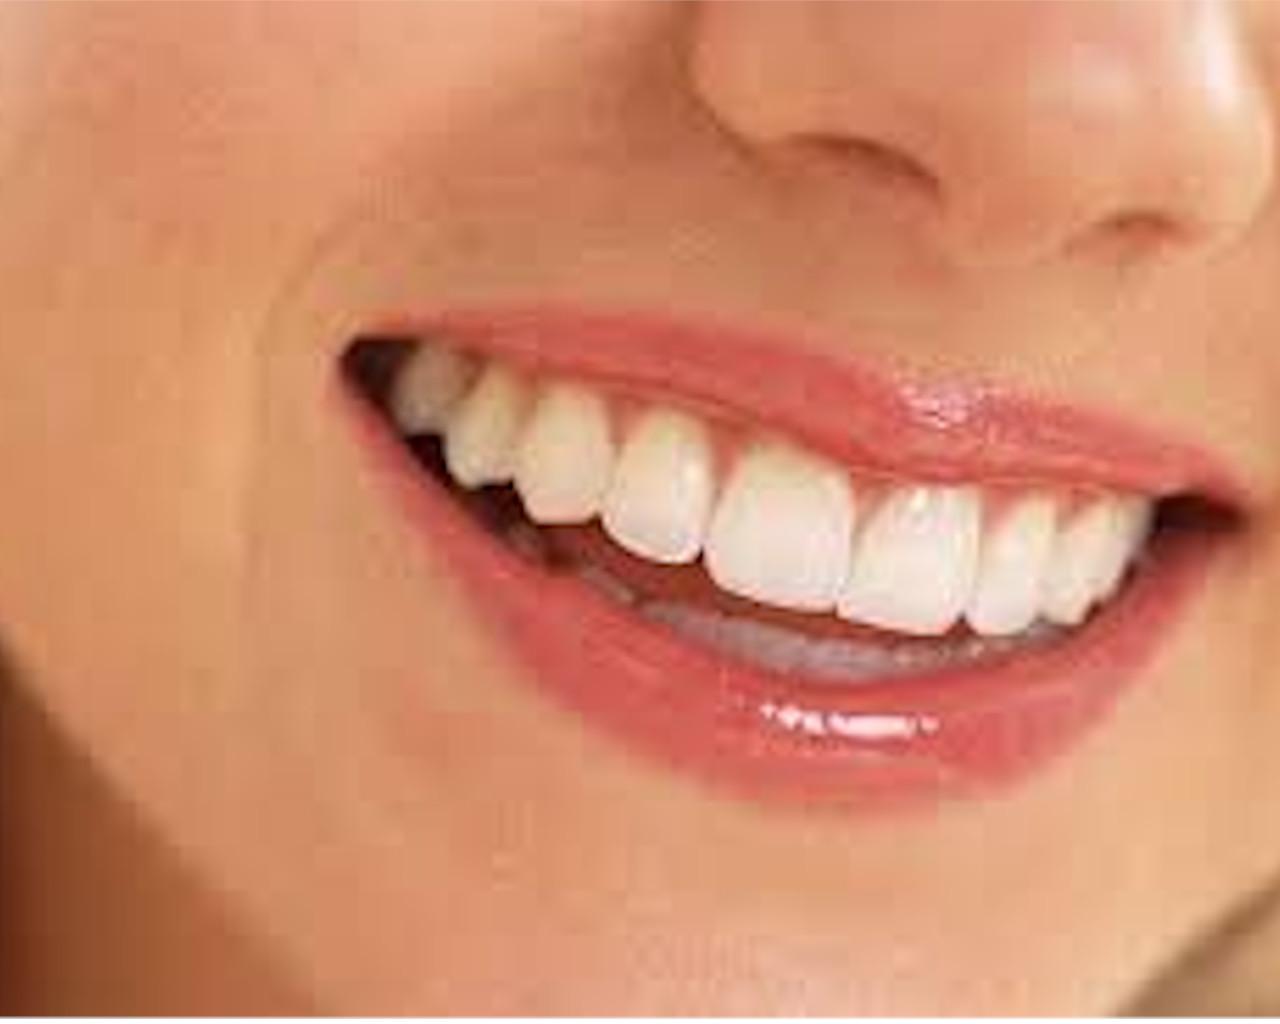 δοντια,δοντια σκυλου,δοντια μωρου 3 μηνων,δοντια ονειρο,δοντια μωρου,δοντια μωρου και αυπνια,δοντια ονομασιεσ,δοντια πυκνα,δοντια ανθρωπου